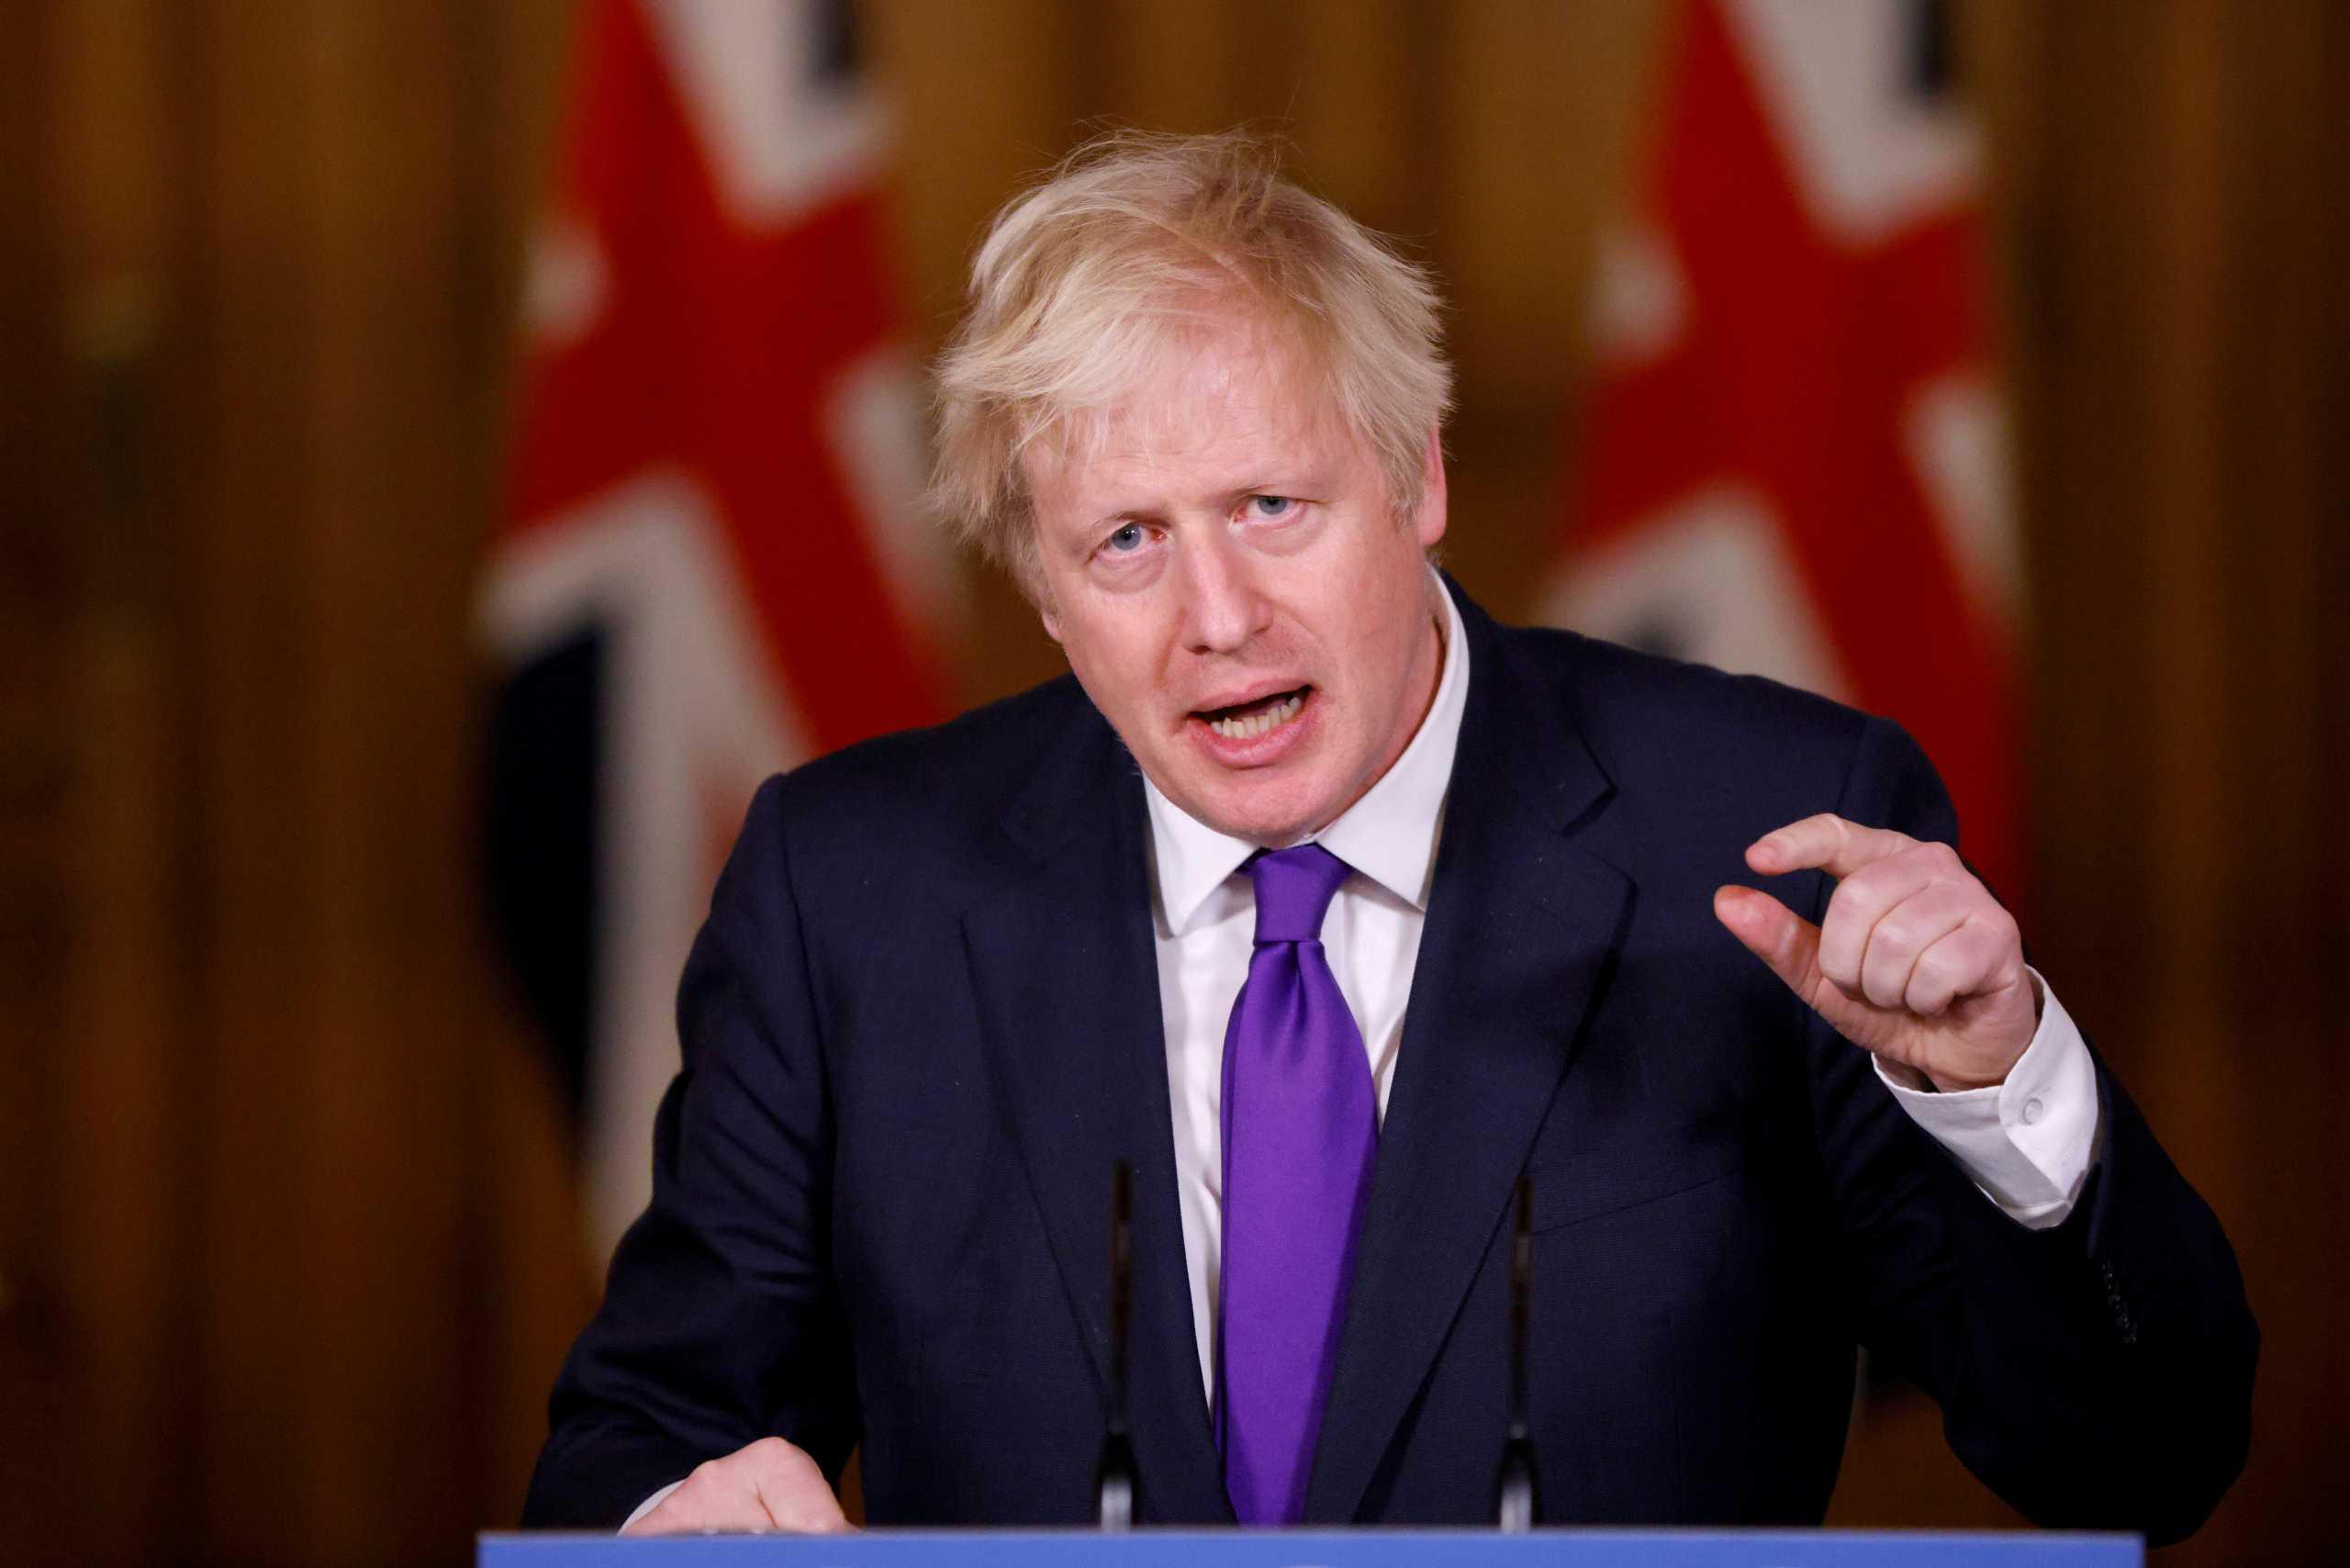 Βρετανία: Δημοσκόπηση κόλαφος για Τζονσον – Μπορεί να χάσει την έδρα του και την πλειοψηφία